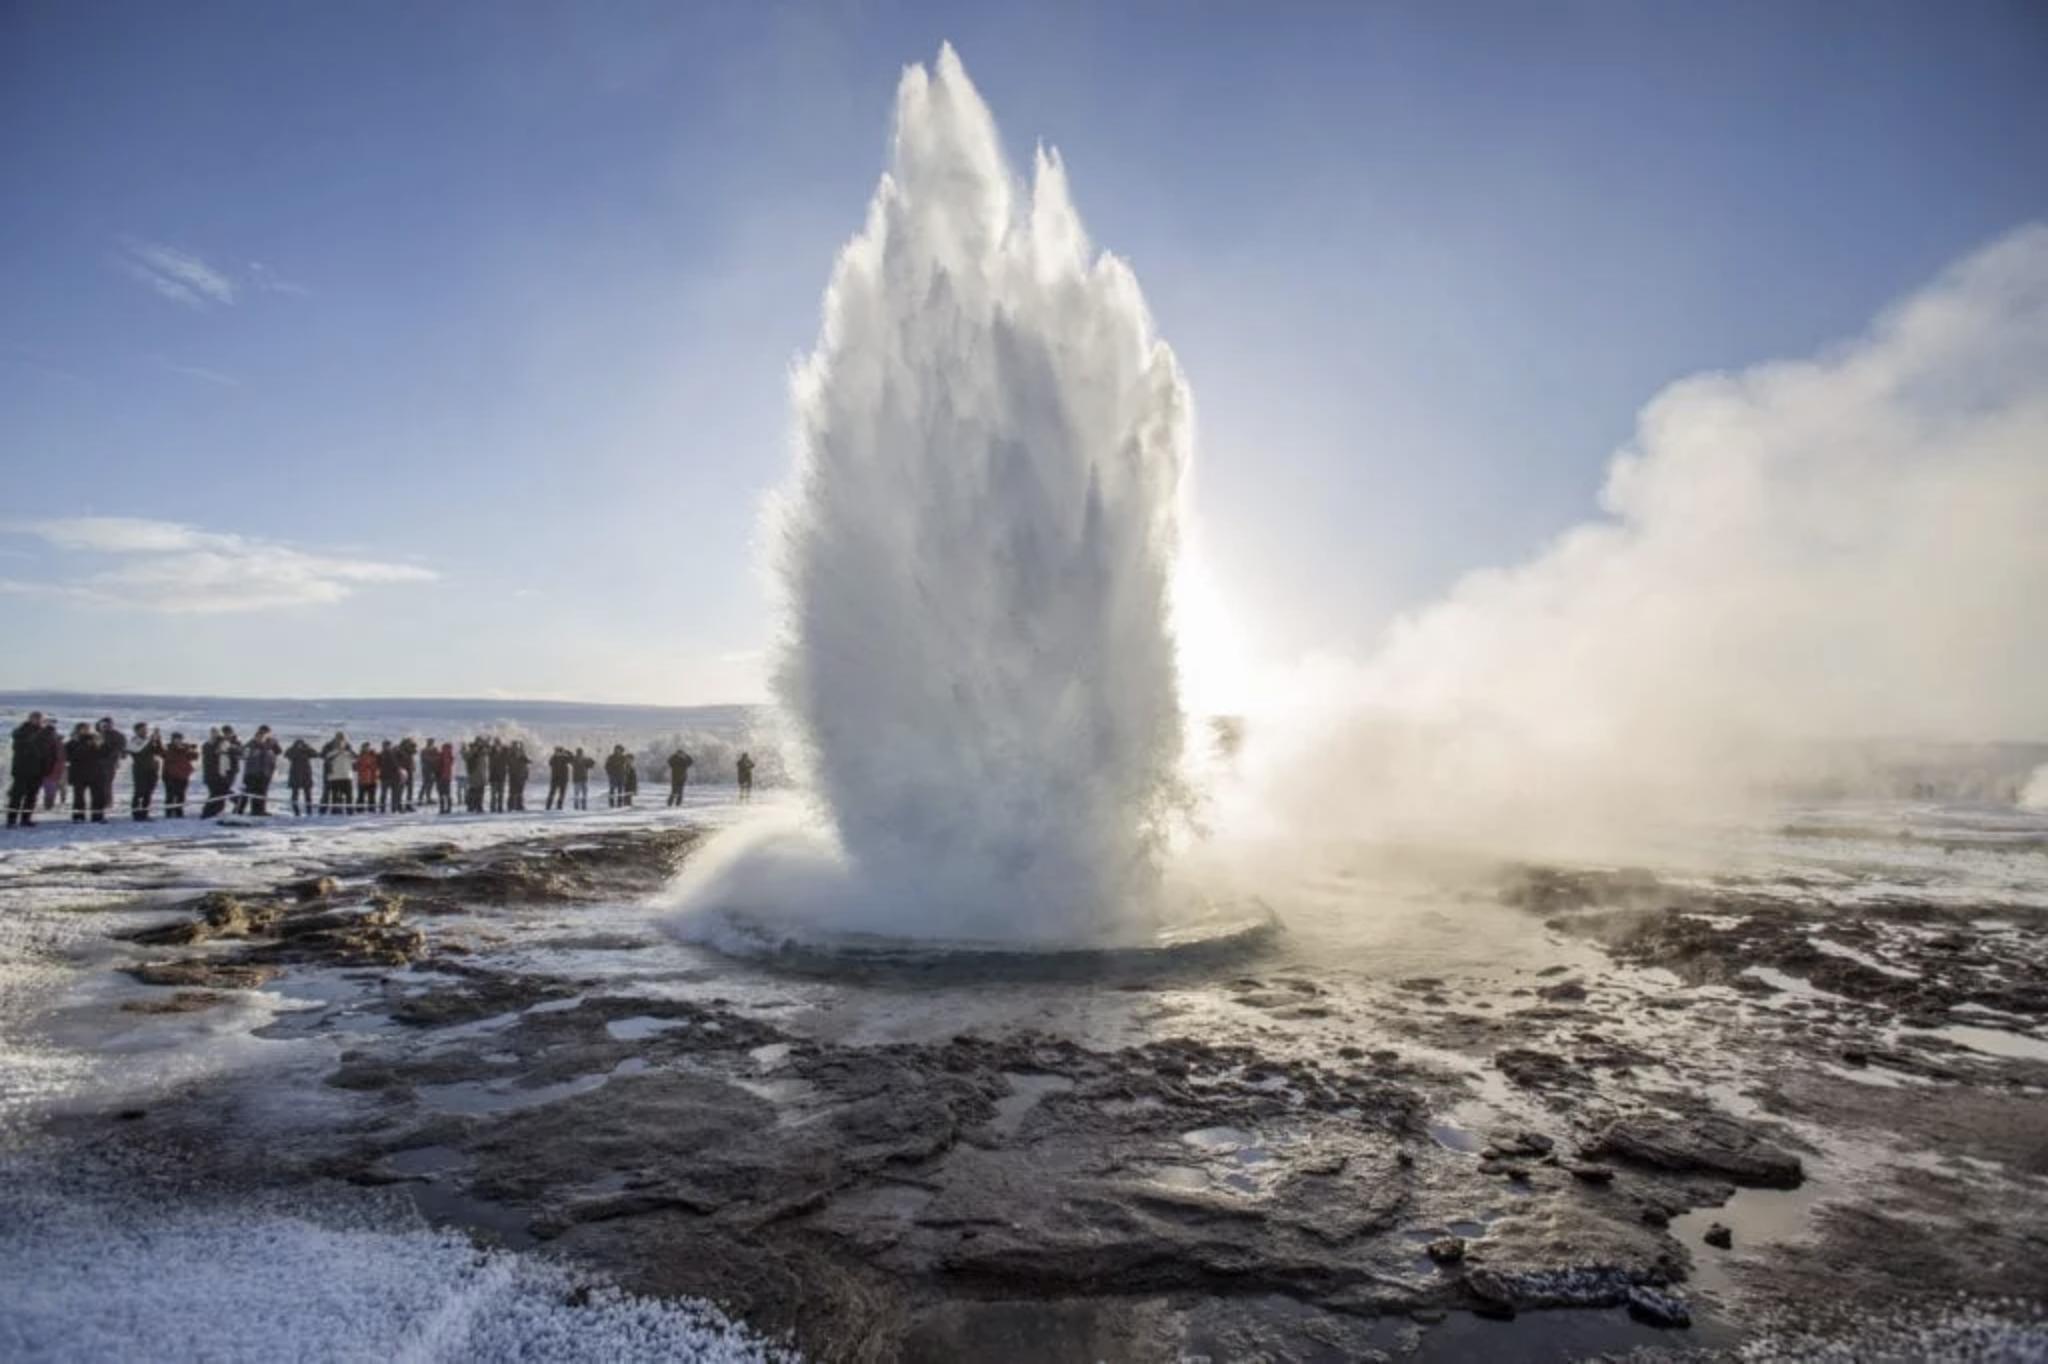 Tur for liten gruppe til Den gylne sirkel, kratersjøen Kerið og iskremgården